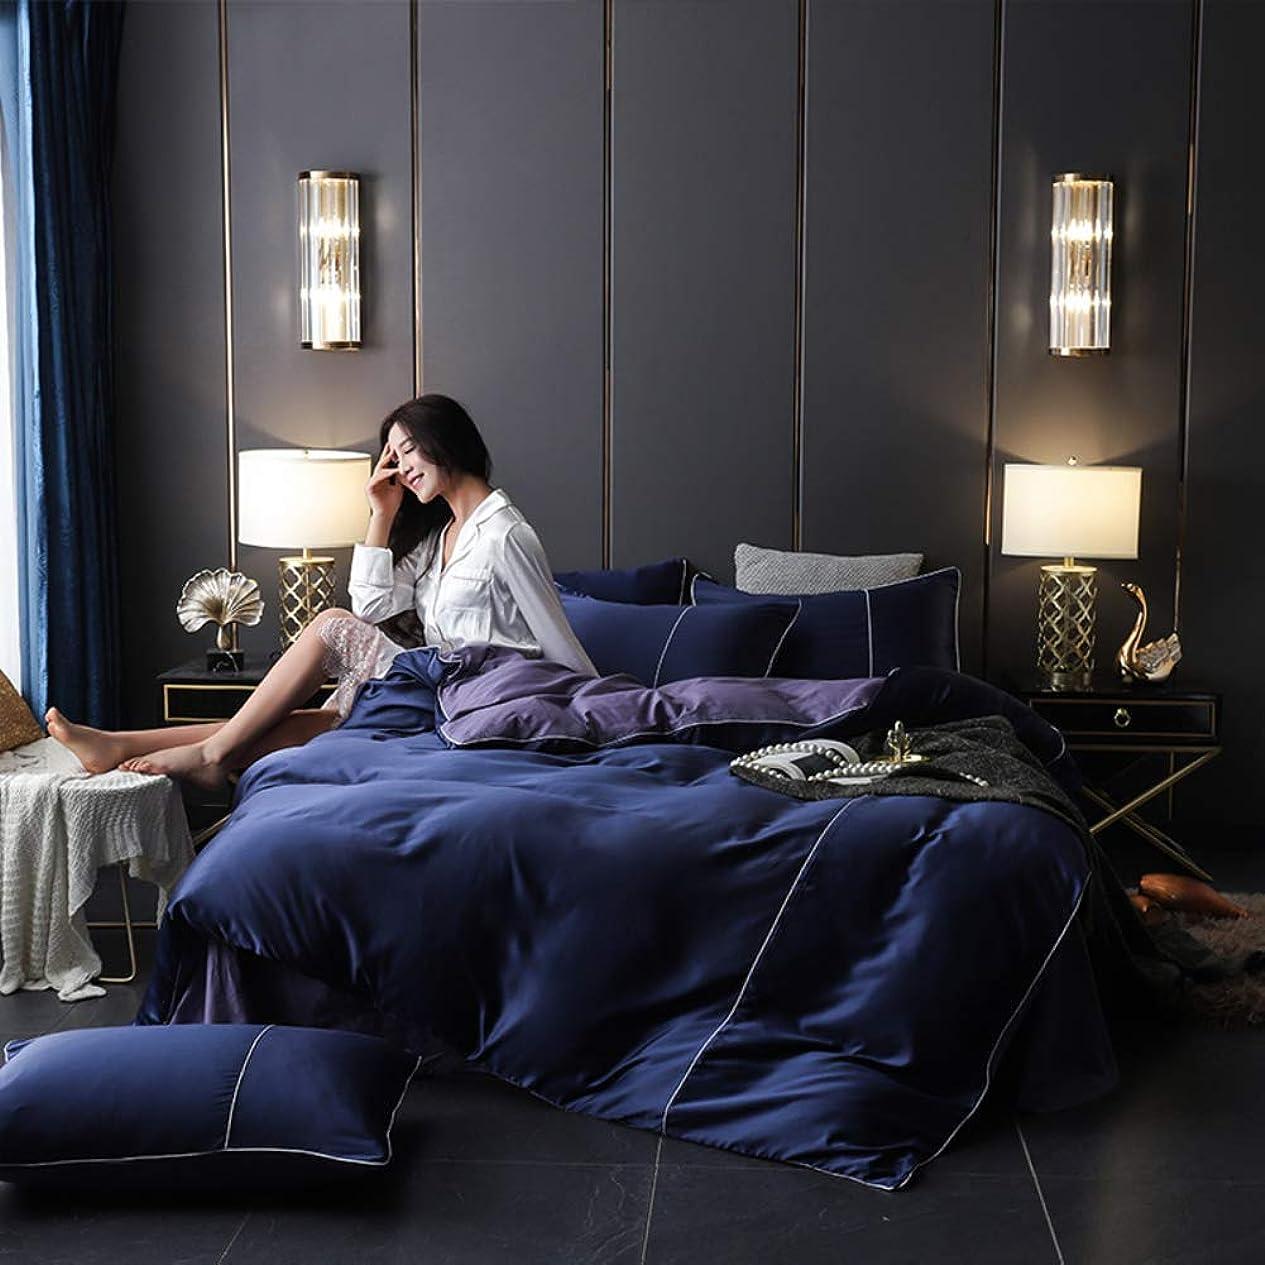 掃除借りている挑発するシルク 刺繍 綿サテン 寝具カバーセット, 4 ピース ジャカード ソフト 快適 綿 夏 クールな 肌-フレンドリー 寝具ベッド ファスナー付け-g